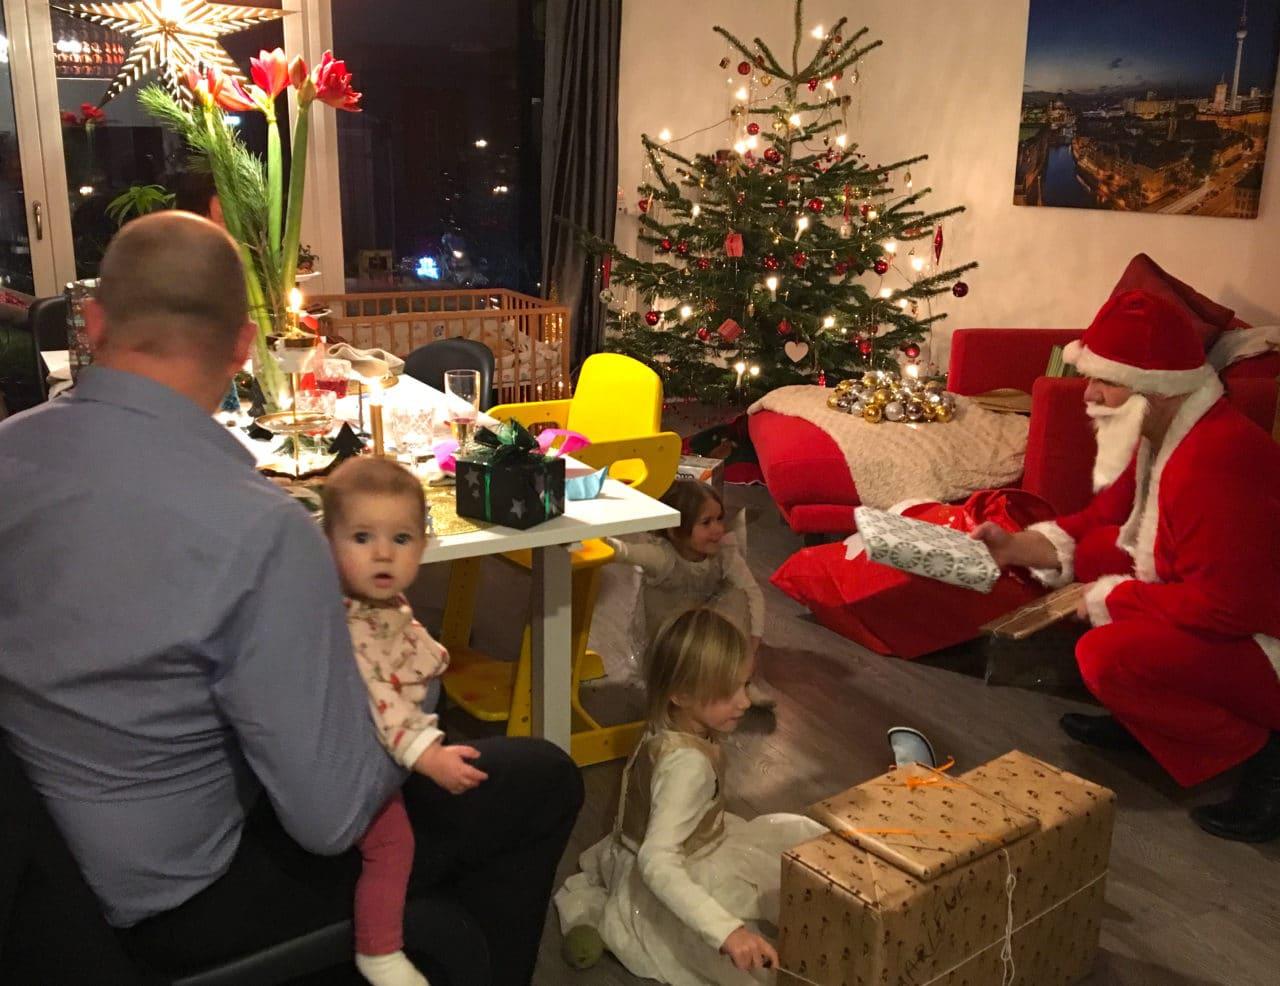 Geschenke für Kleinkinder zu Weihnachten - Super Mom Blog